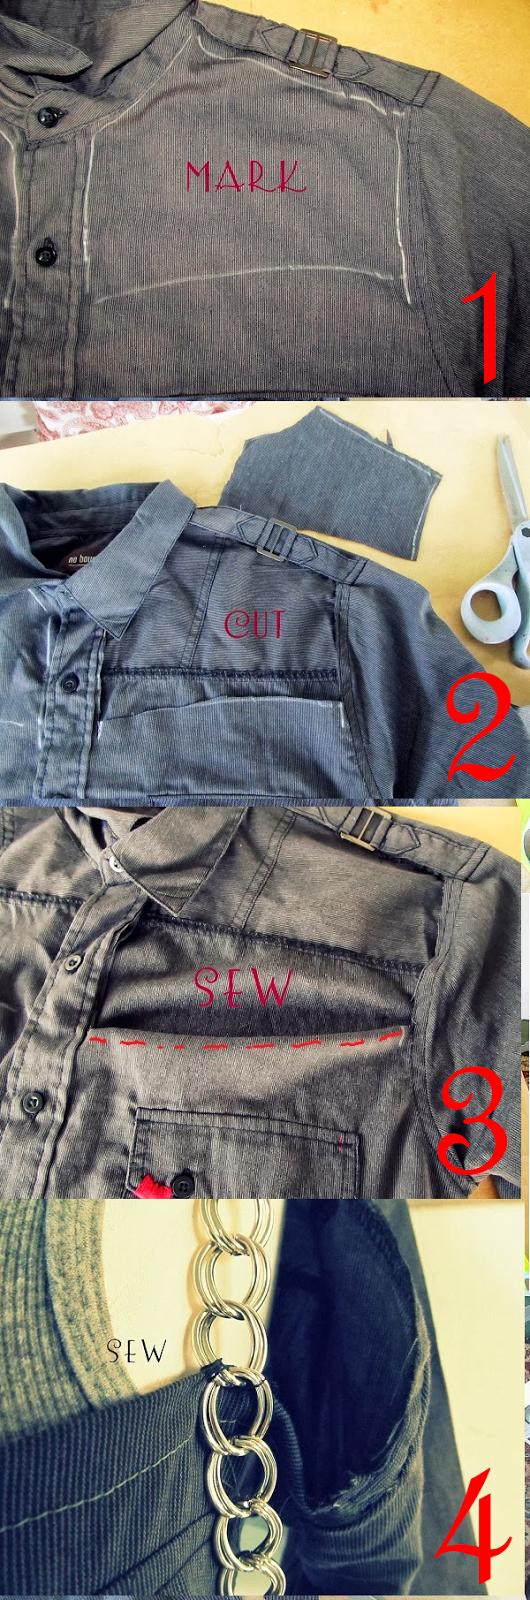 DIY Tutorial, Tshirt Refashion, Tshirt, DIY, Refashion